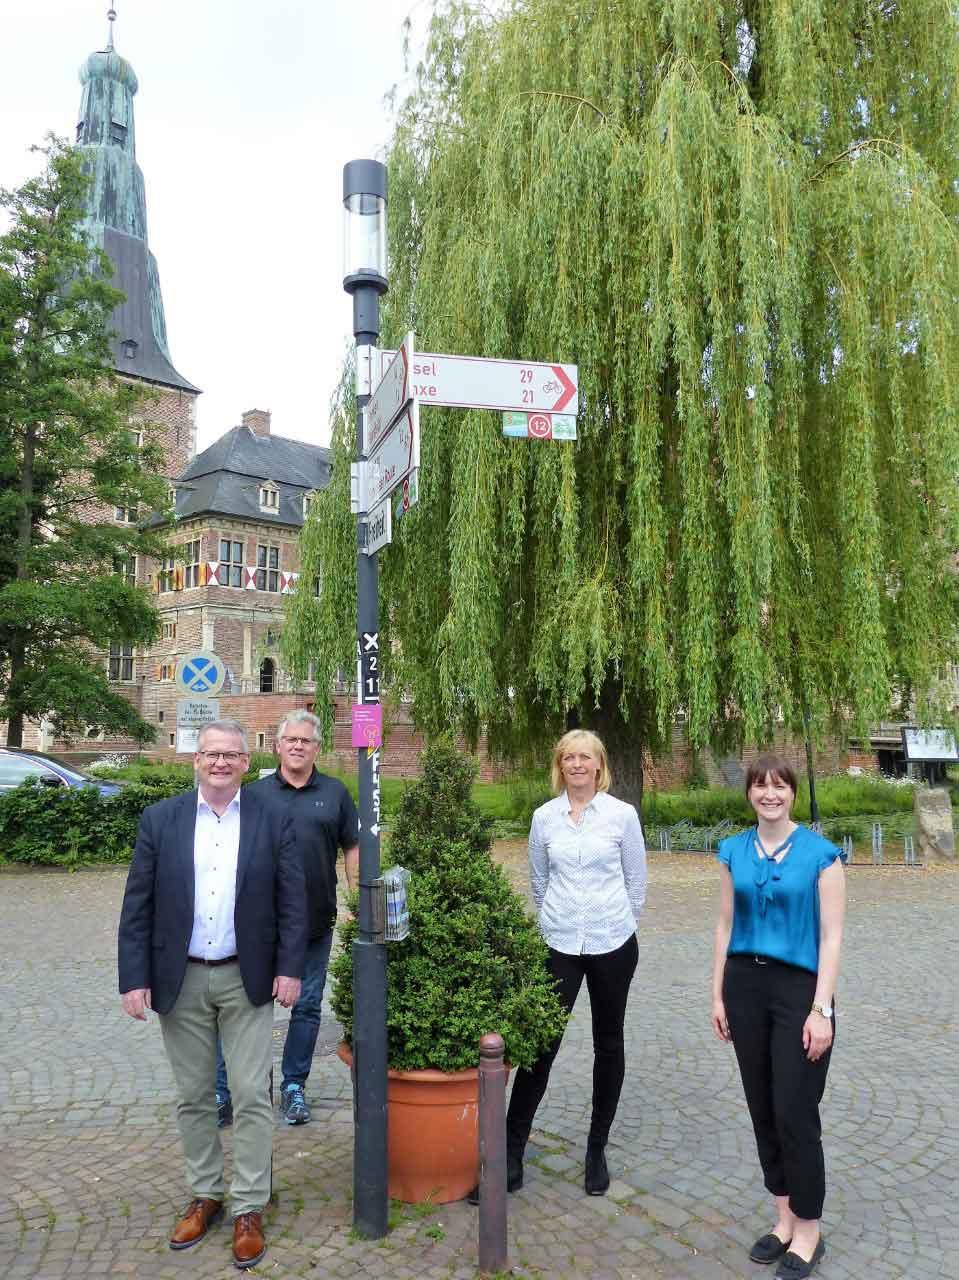 Straßenbeleuchtung-Schlossfreiheit